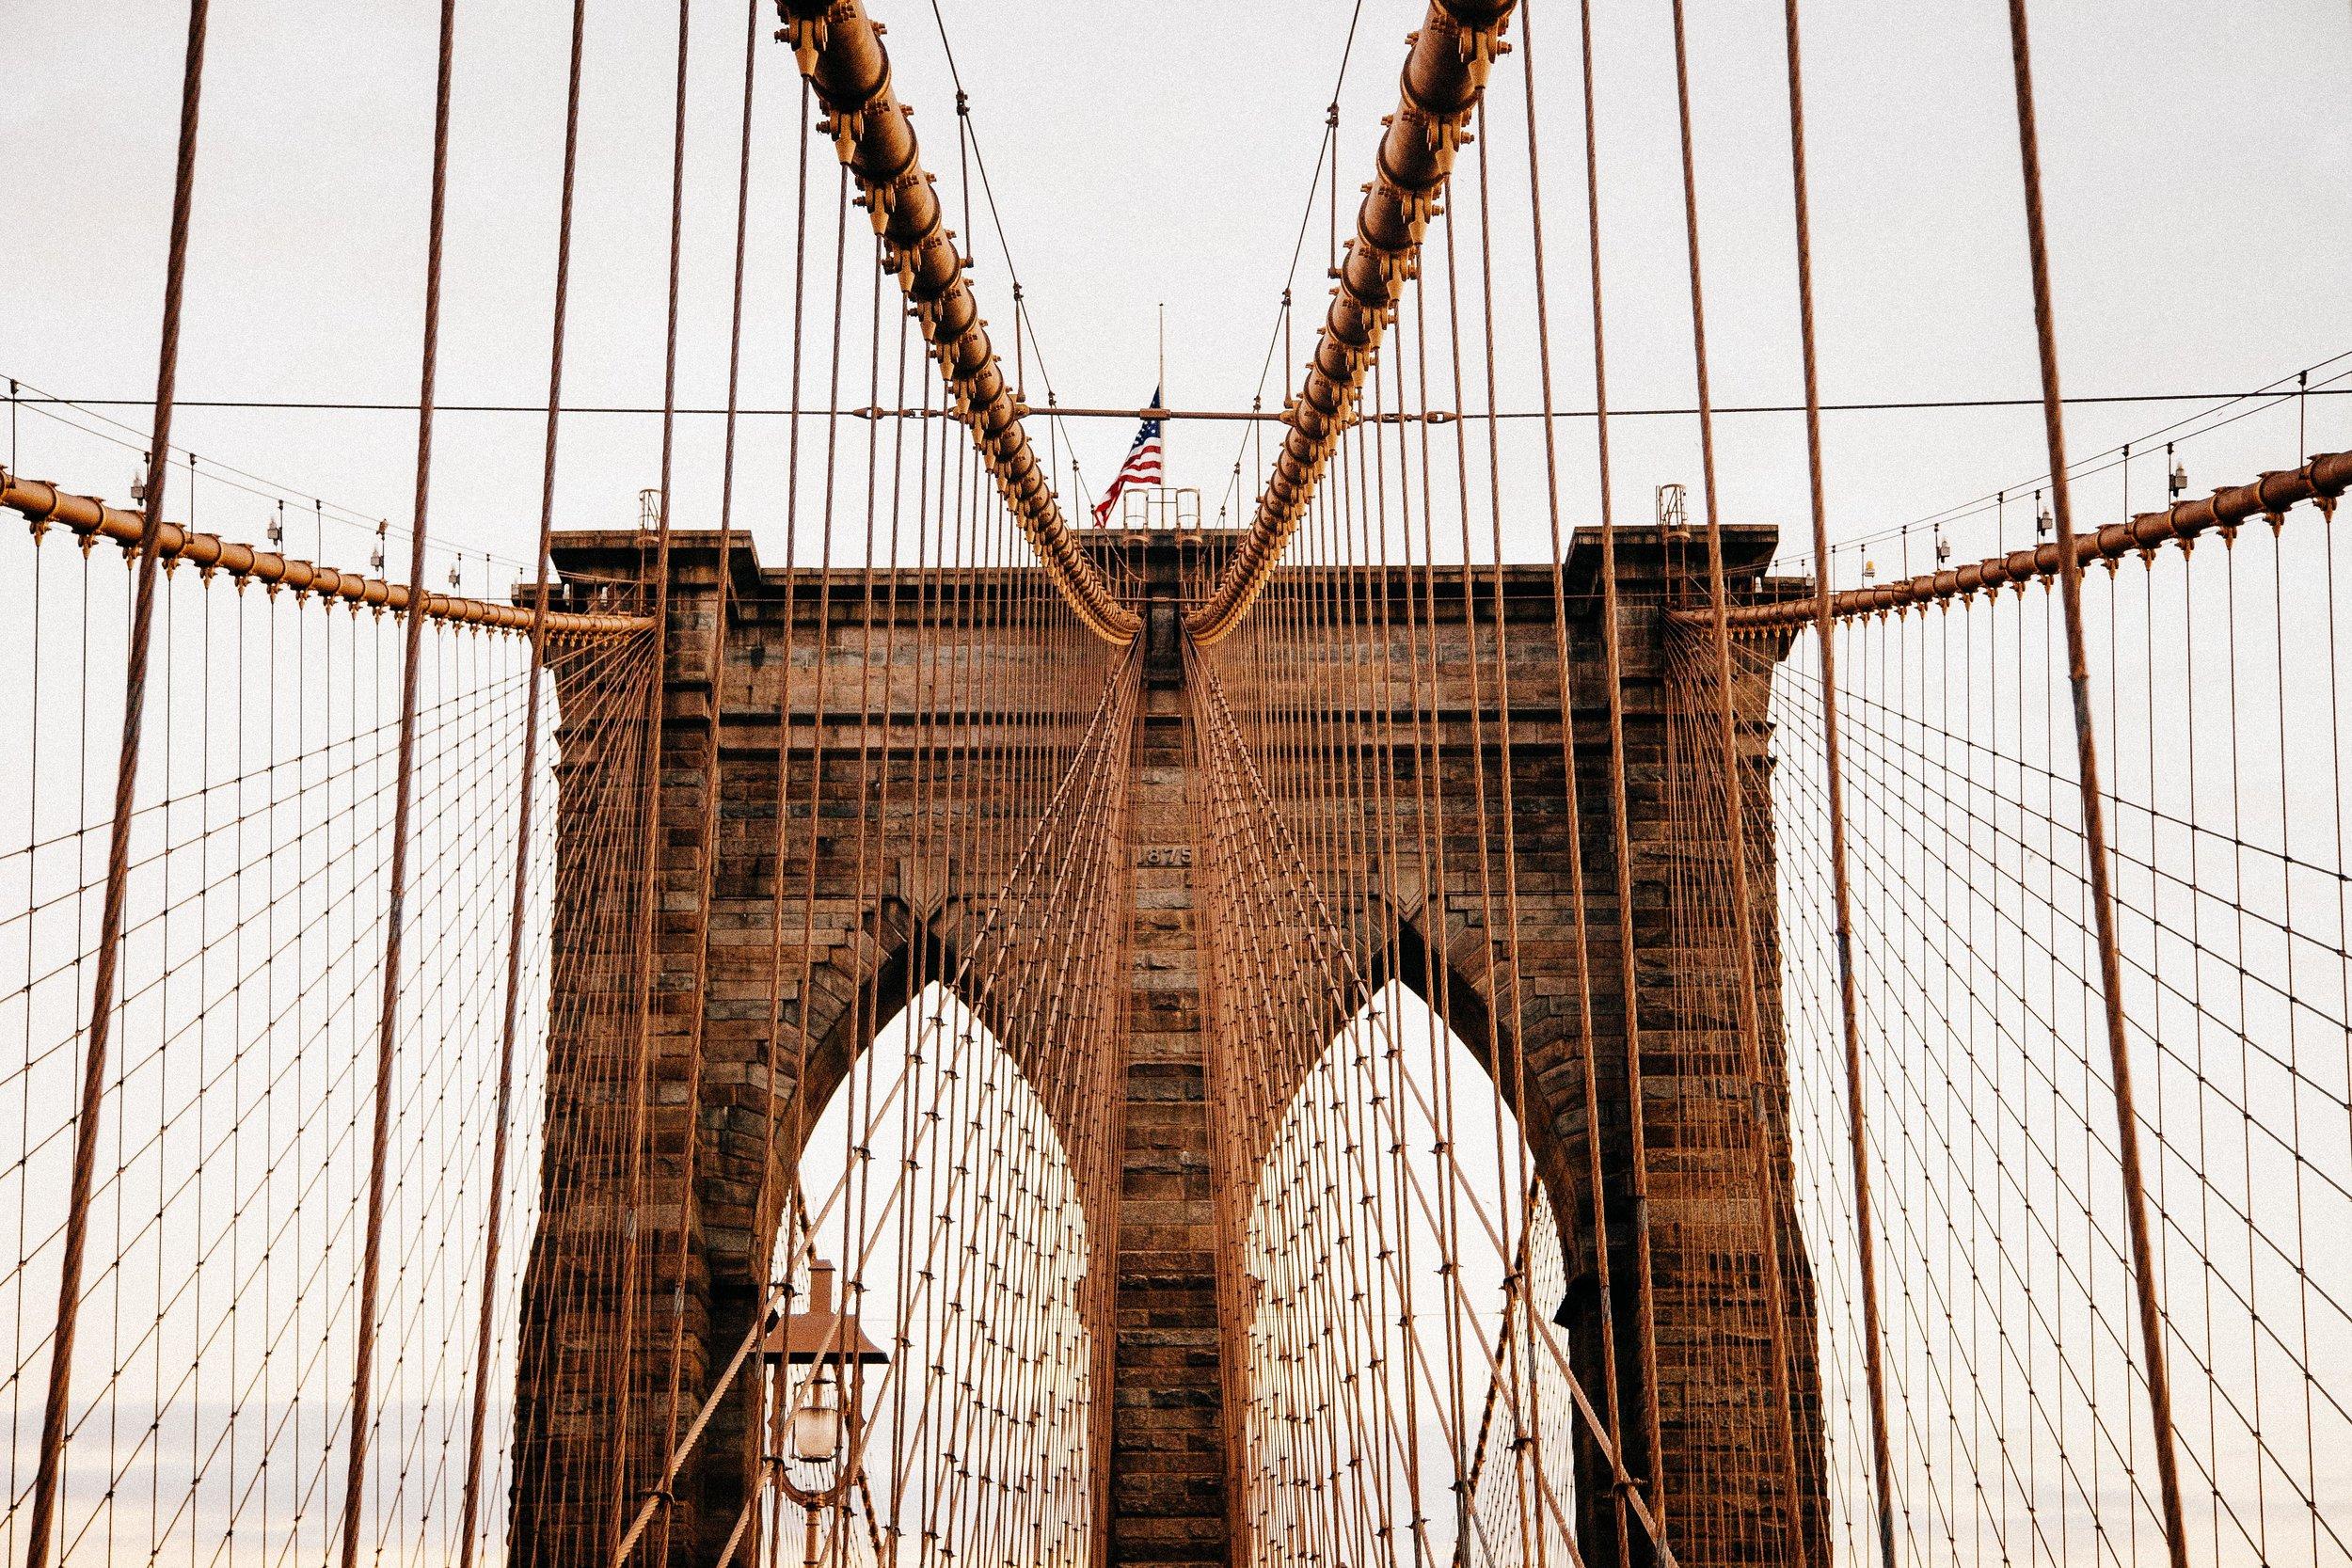 New York City Travel Guide - author: suzanne rocco @ holistictravelers.com